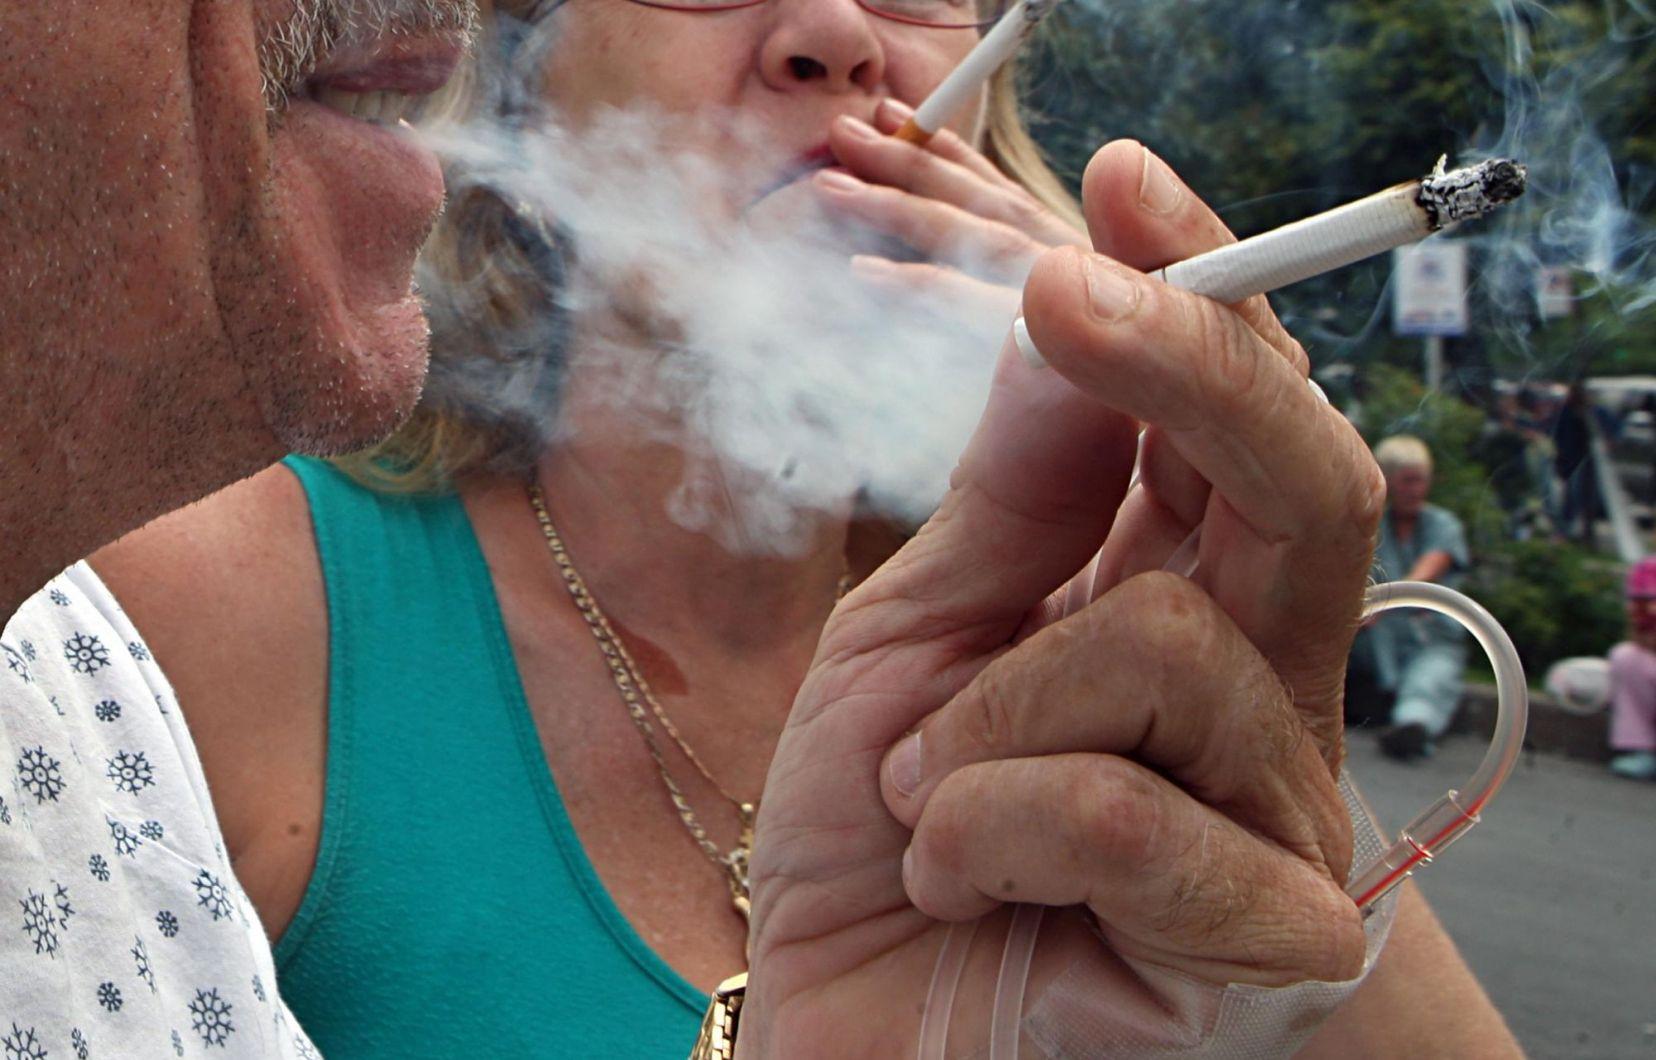 Считается ли электронная сигарета табачным изделием купить fuzzy электронная сигарета